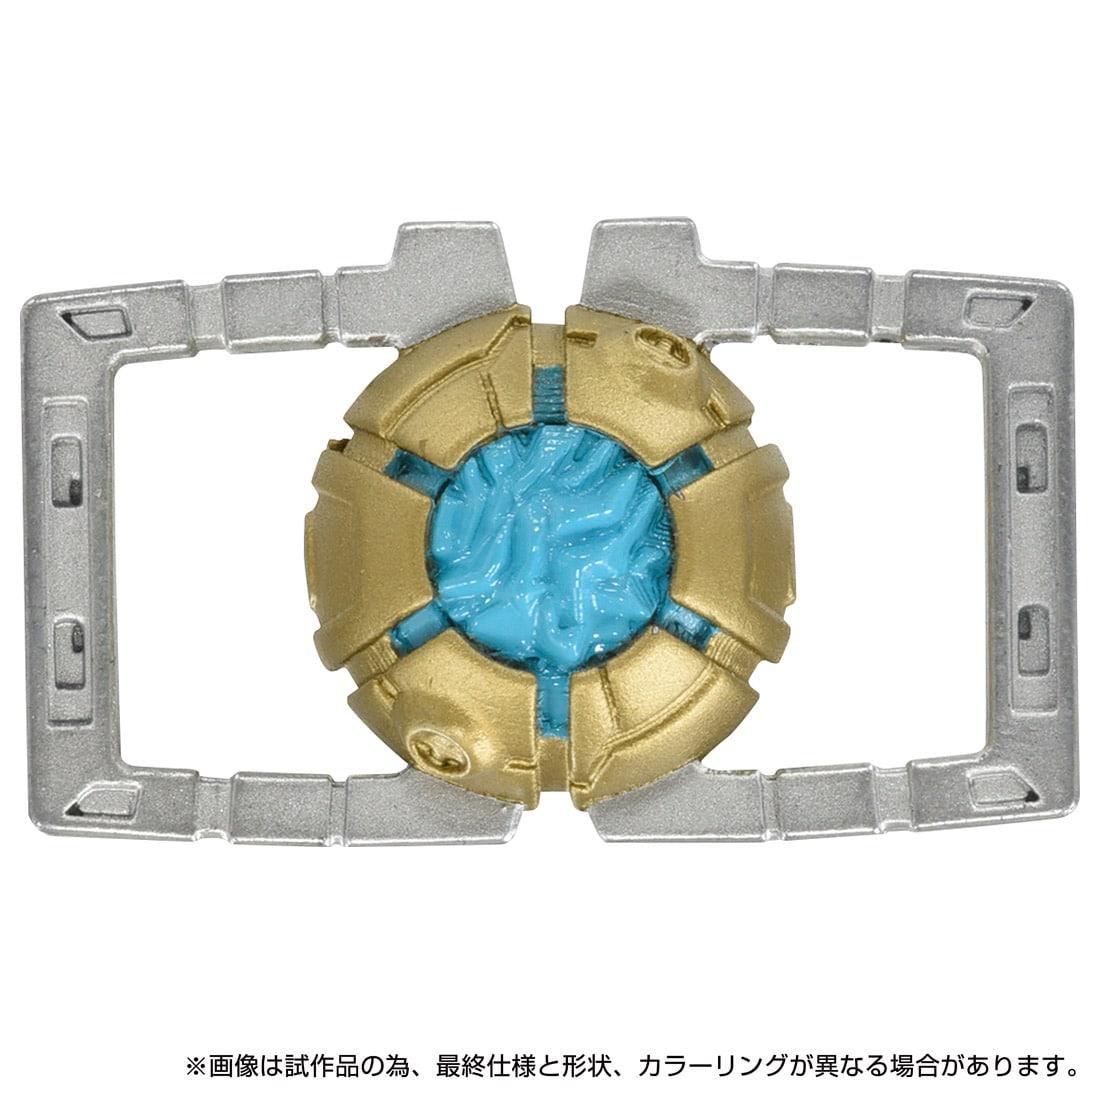 マスターピース『MPM-12 オプティマスプライム』トランスフォーマー 可変可動フィギュア-008